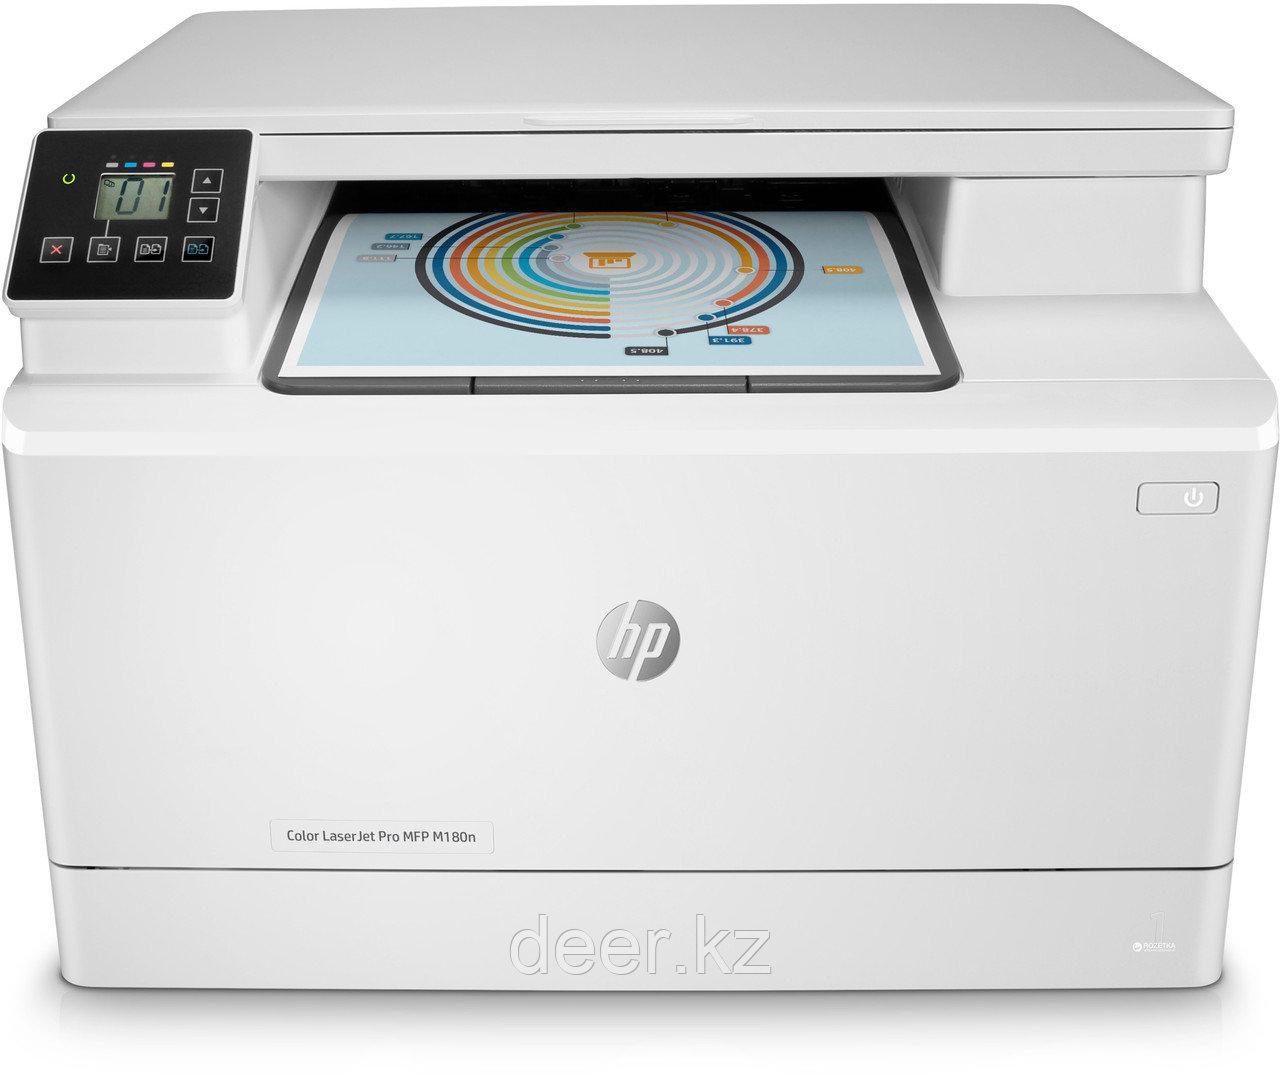 Многофункциональное устройство HP T6B70A HP Color LaserJet Pro MFP M180n (A4)